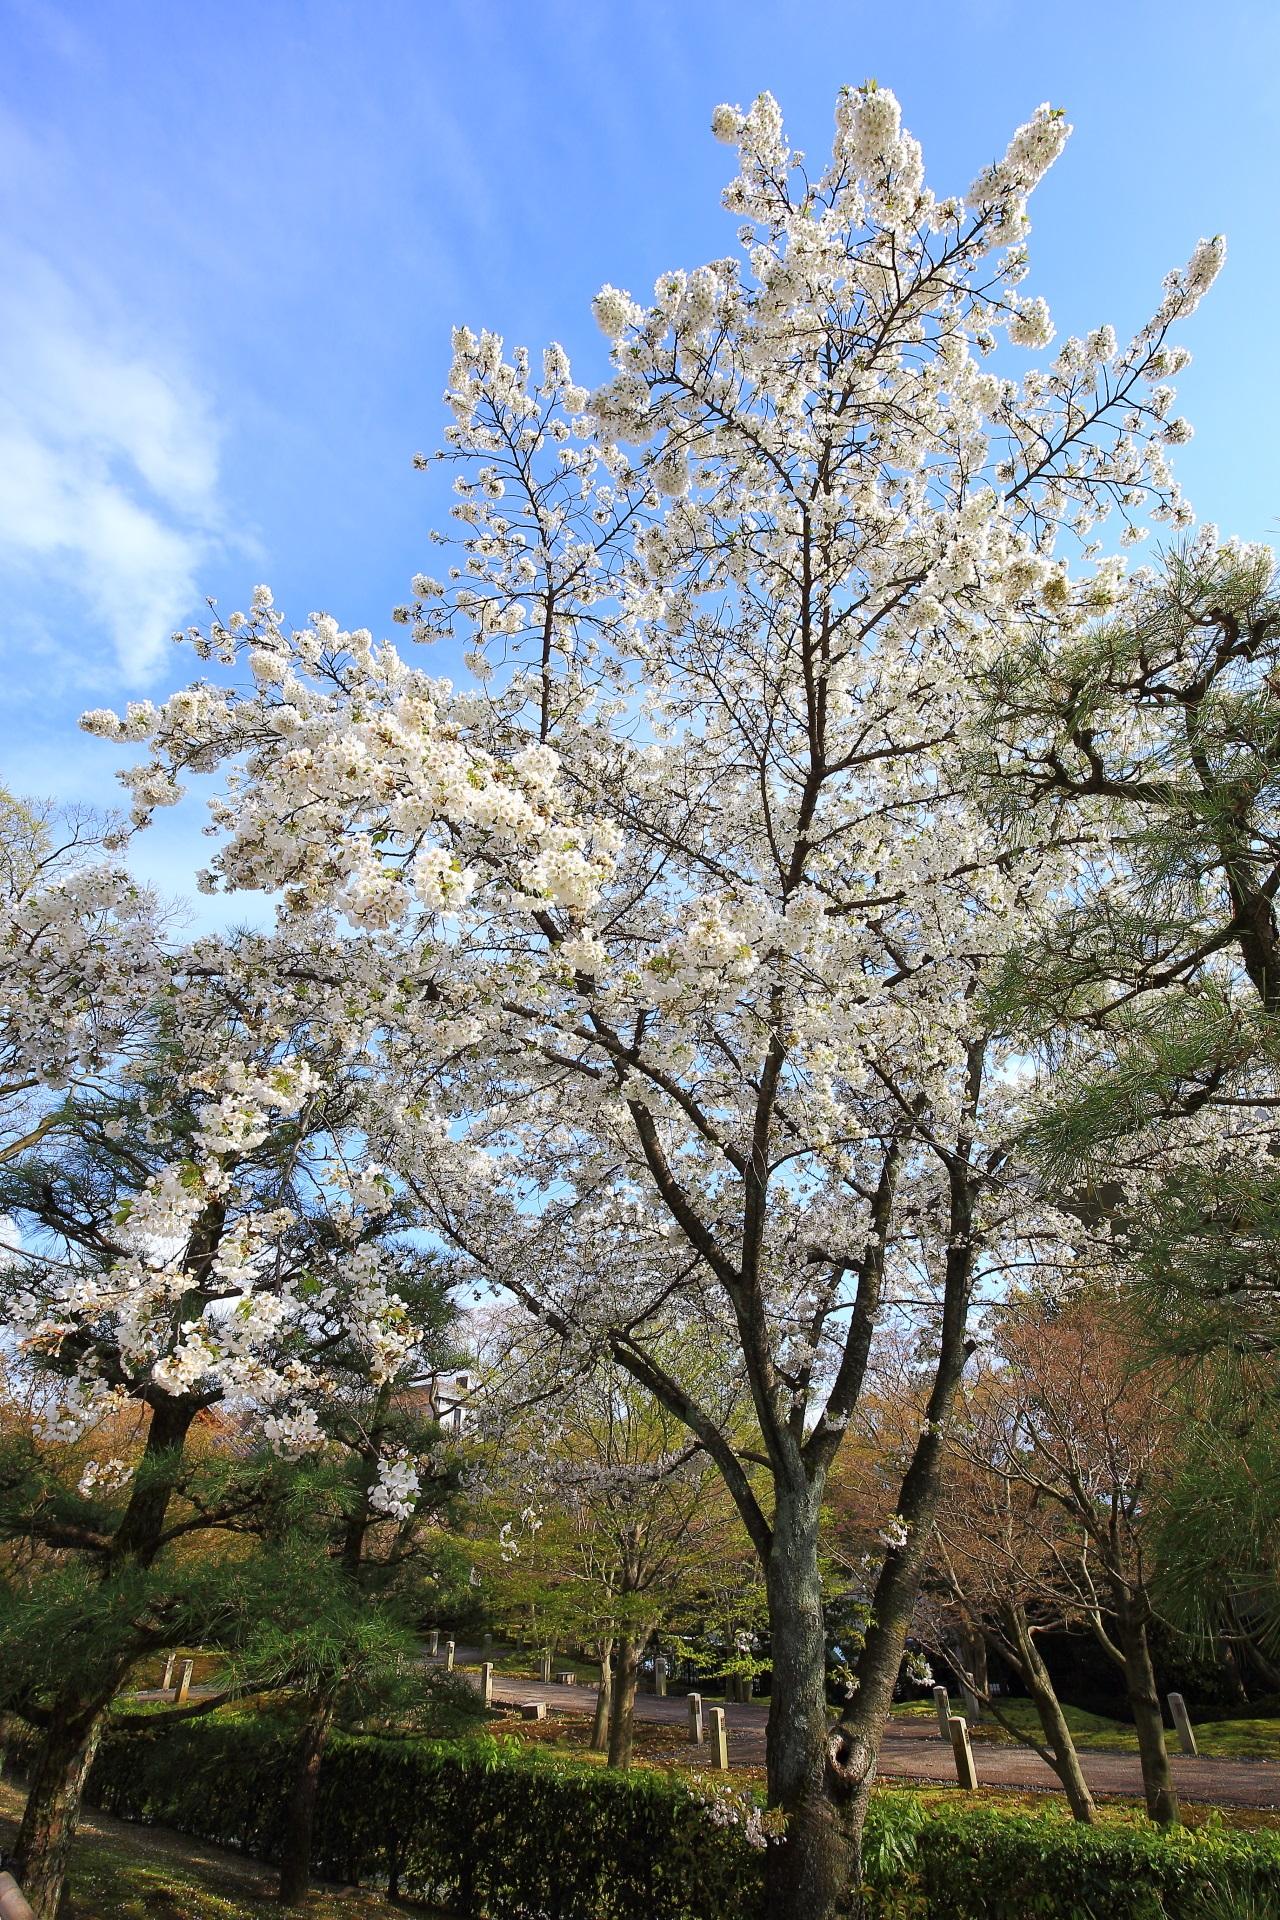 やはり青空が合う白い桜の花